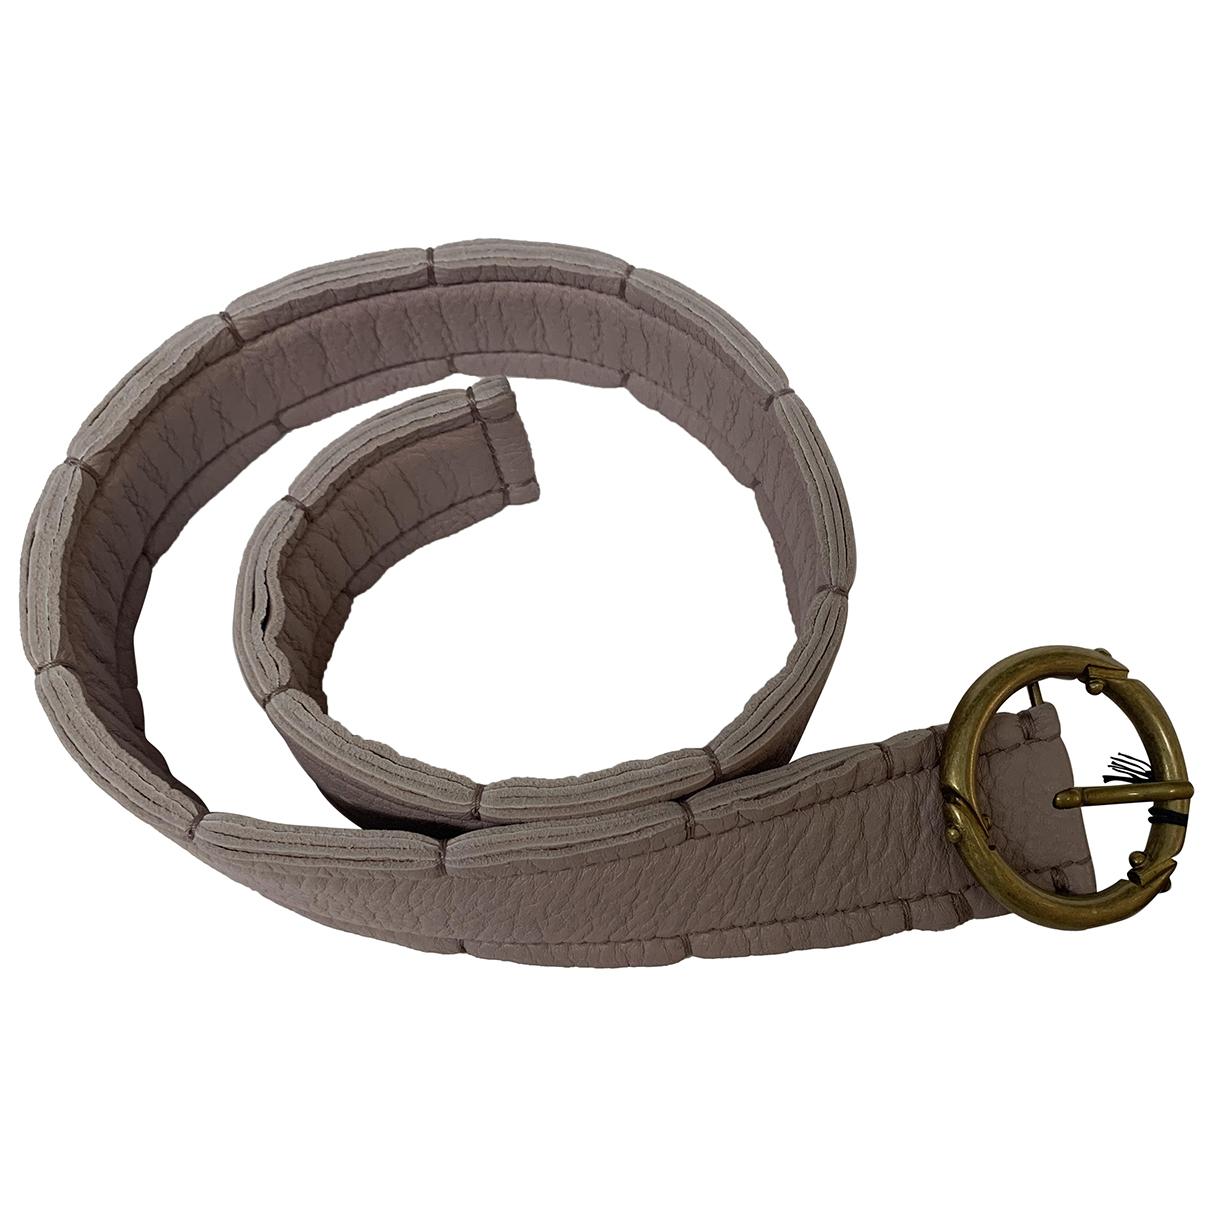 Bottega Veneta N Beige Leather belt for Women 70 cm